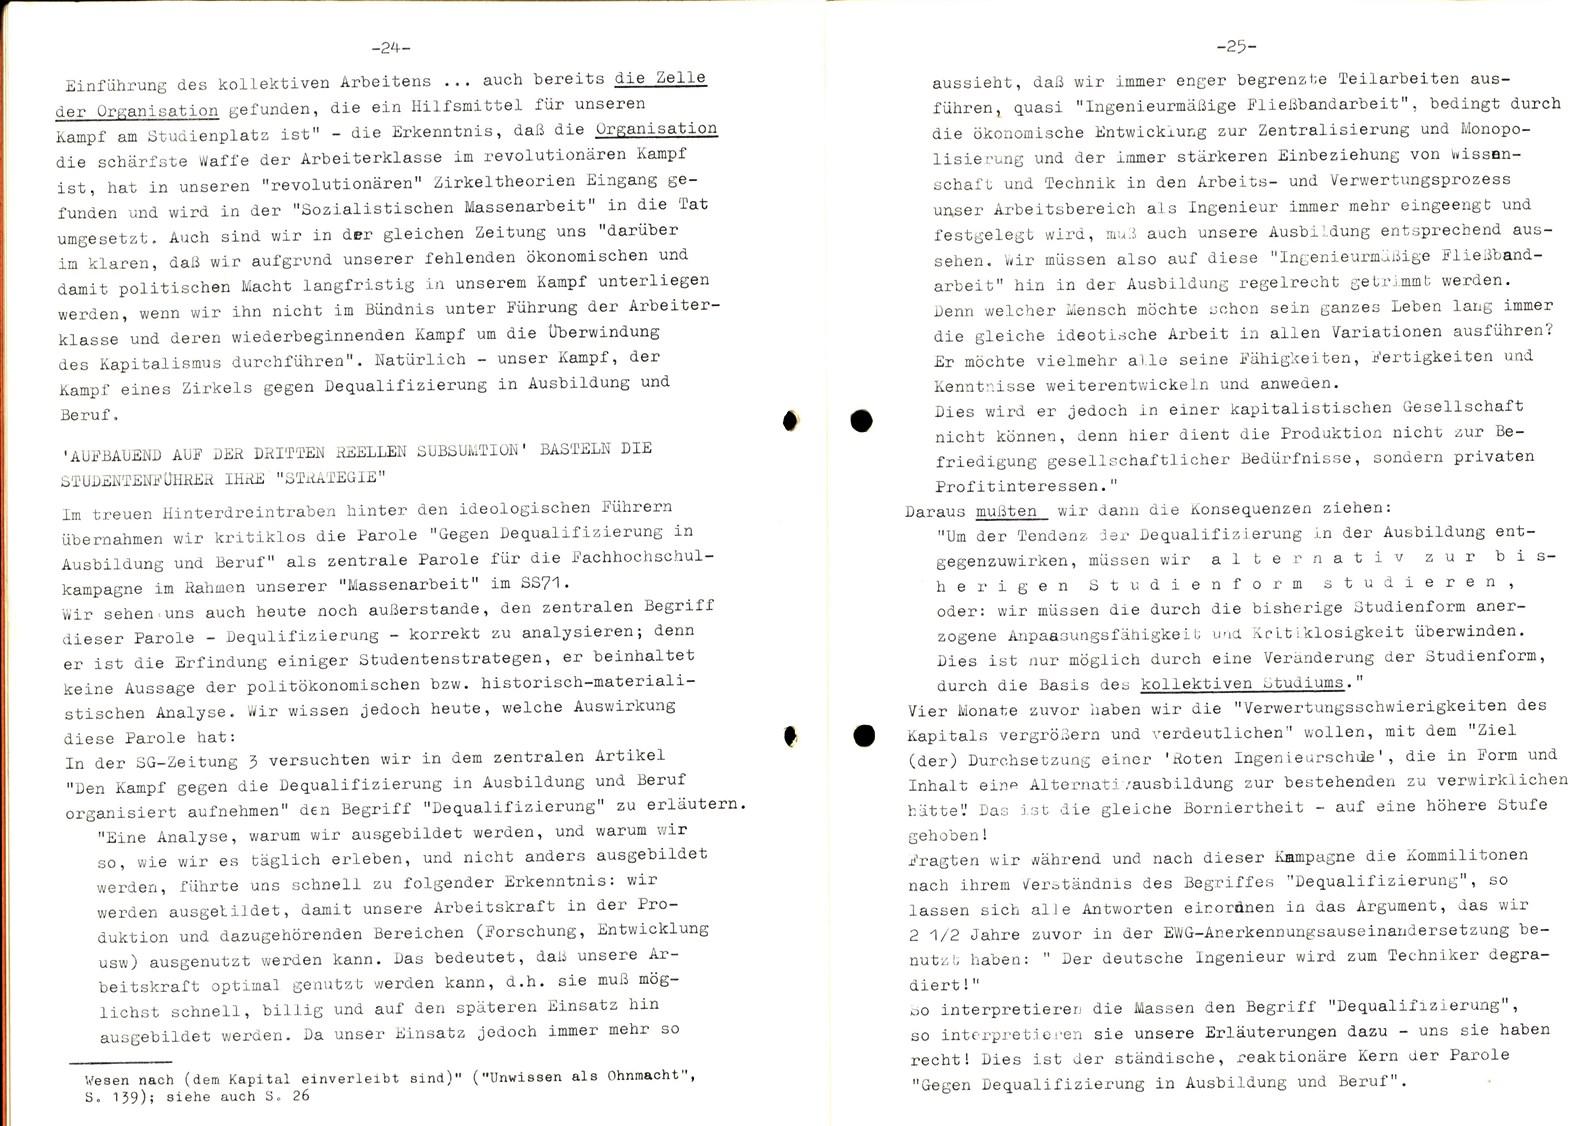 Aachen_KSBML_1971_Selbstkritik_14